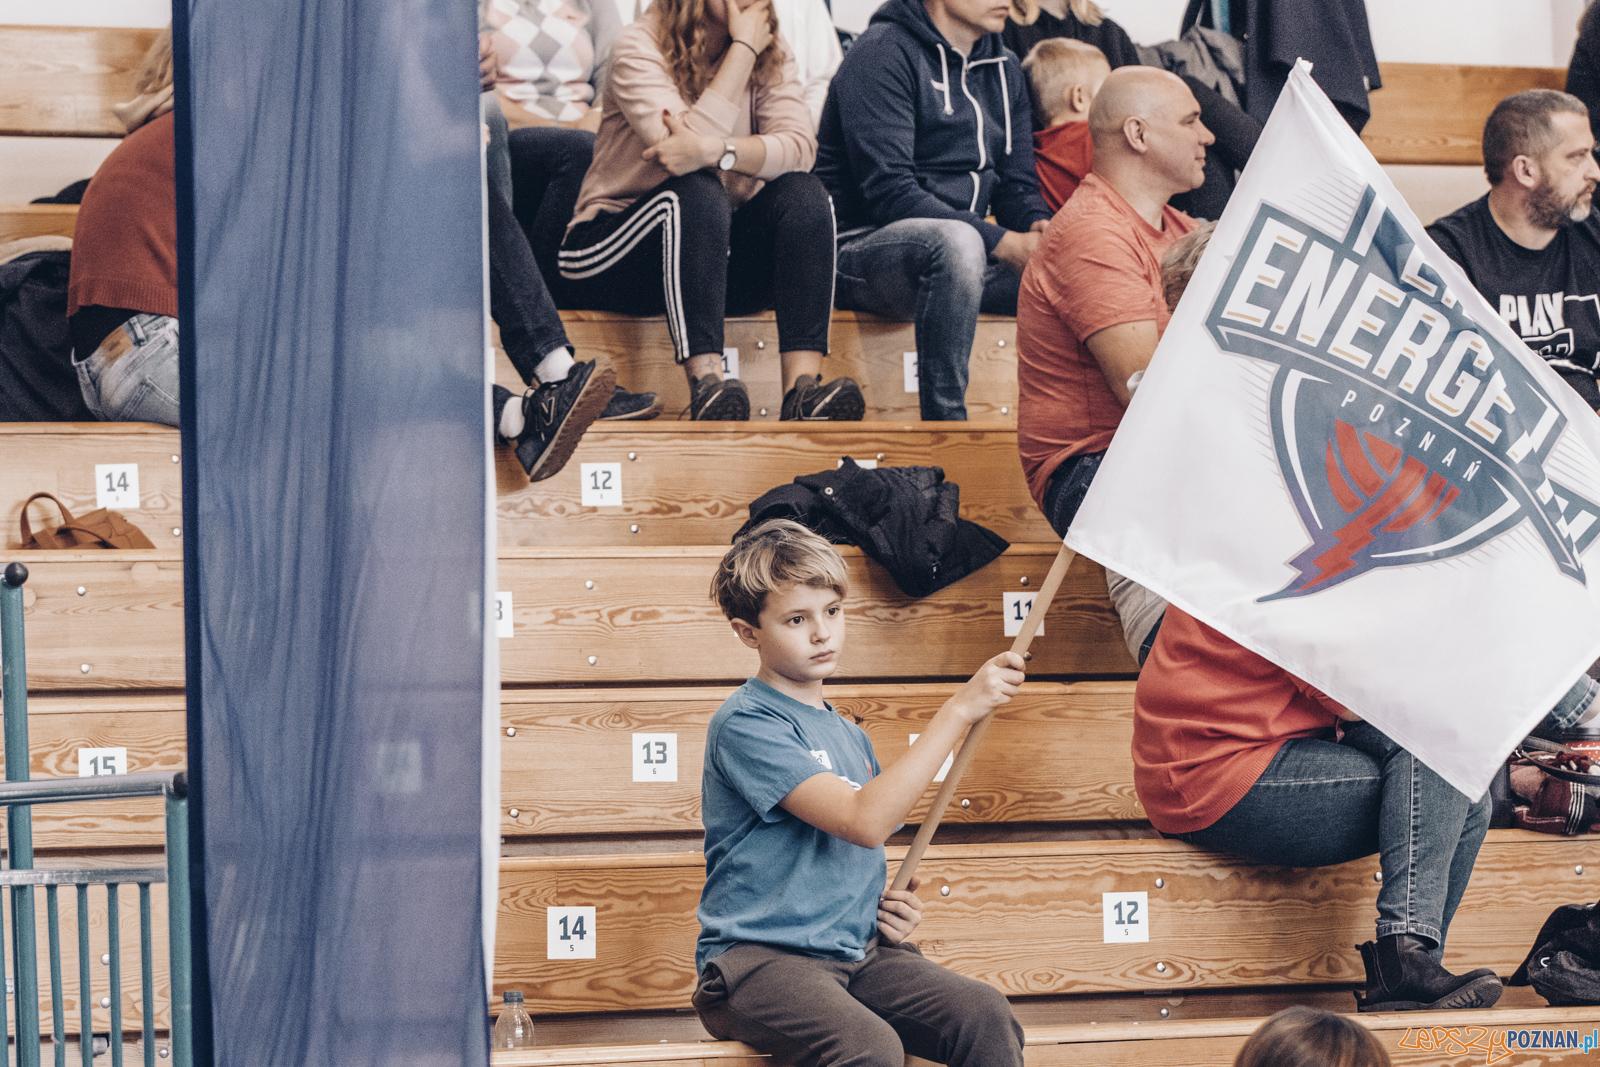 Mistrzostwa Wielkopolski Juniorek  Foto: lepszyPOZNAN.pl / Ewelina Jaśkowiak